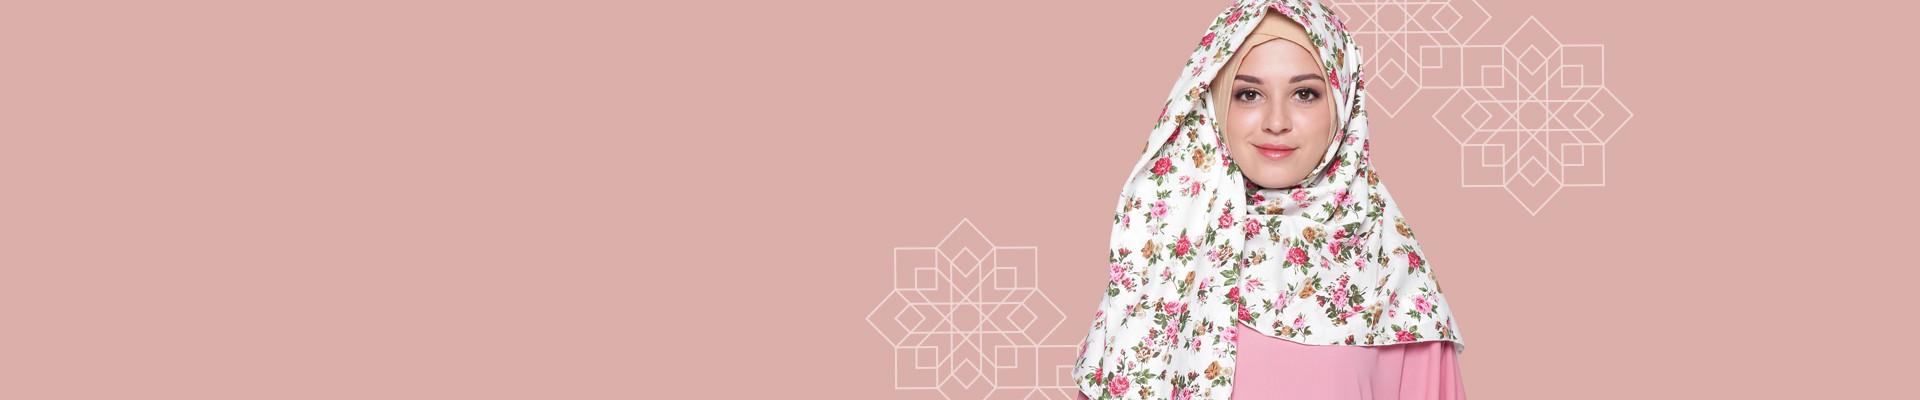 Jual Pashmina - Model Hijab Pashmina Terbaru